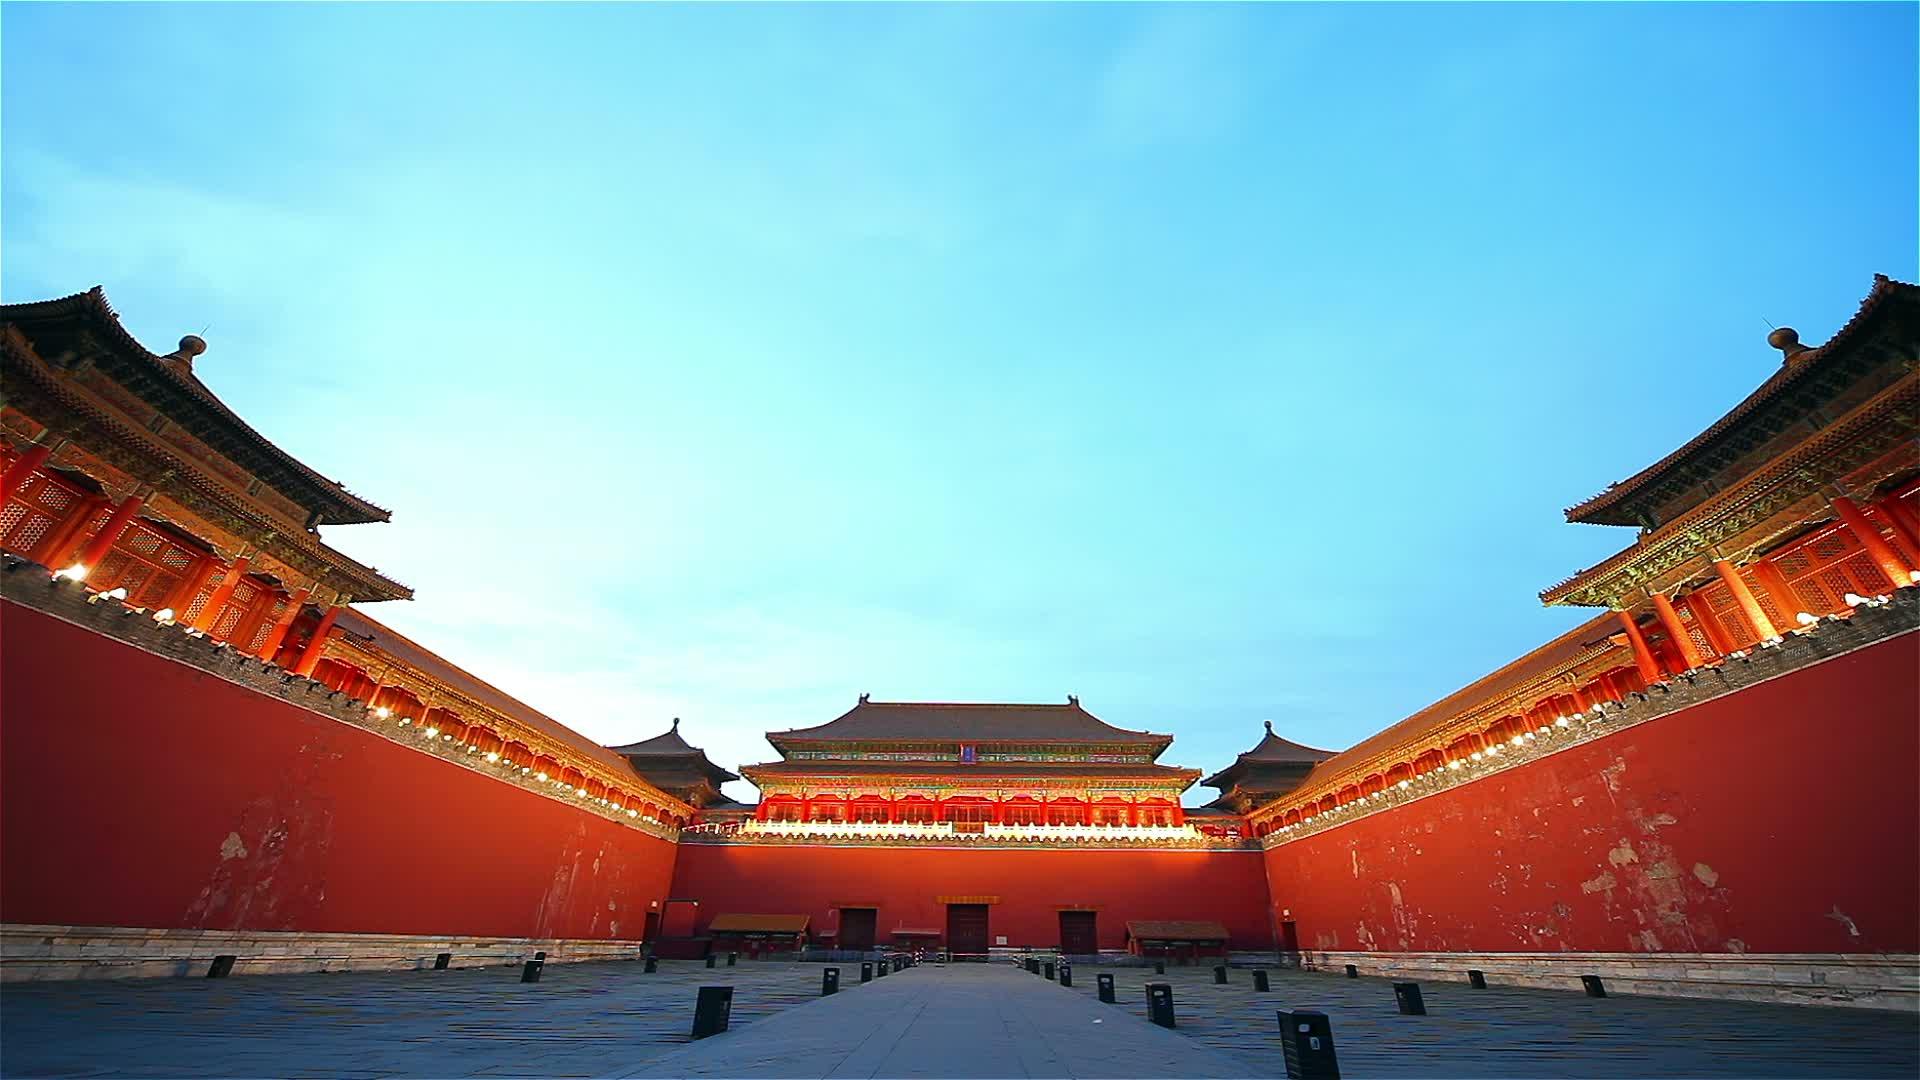 giá bitcoin: Bắc Kinh một lần nữa lên tiếng cảnh báo rủi ro của hoạt động giao dịch tiền điện tử